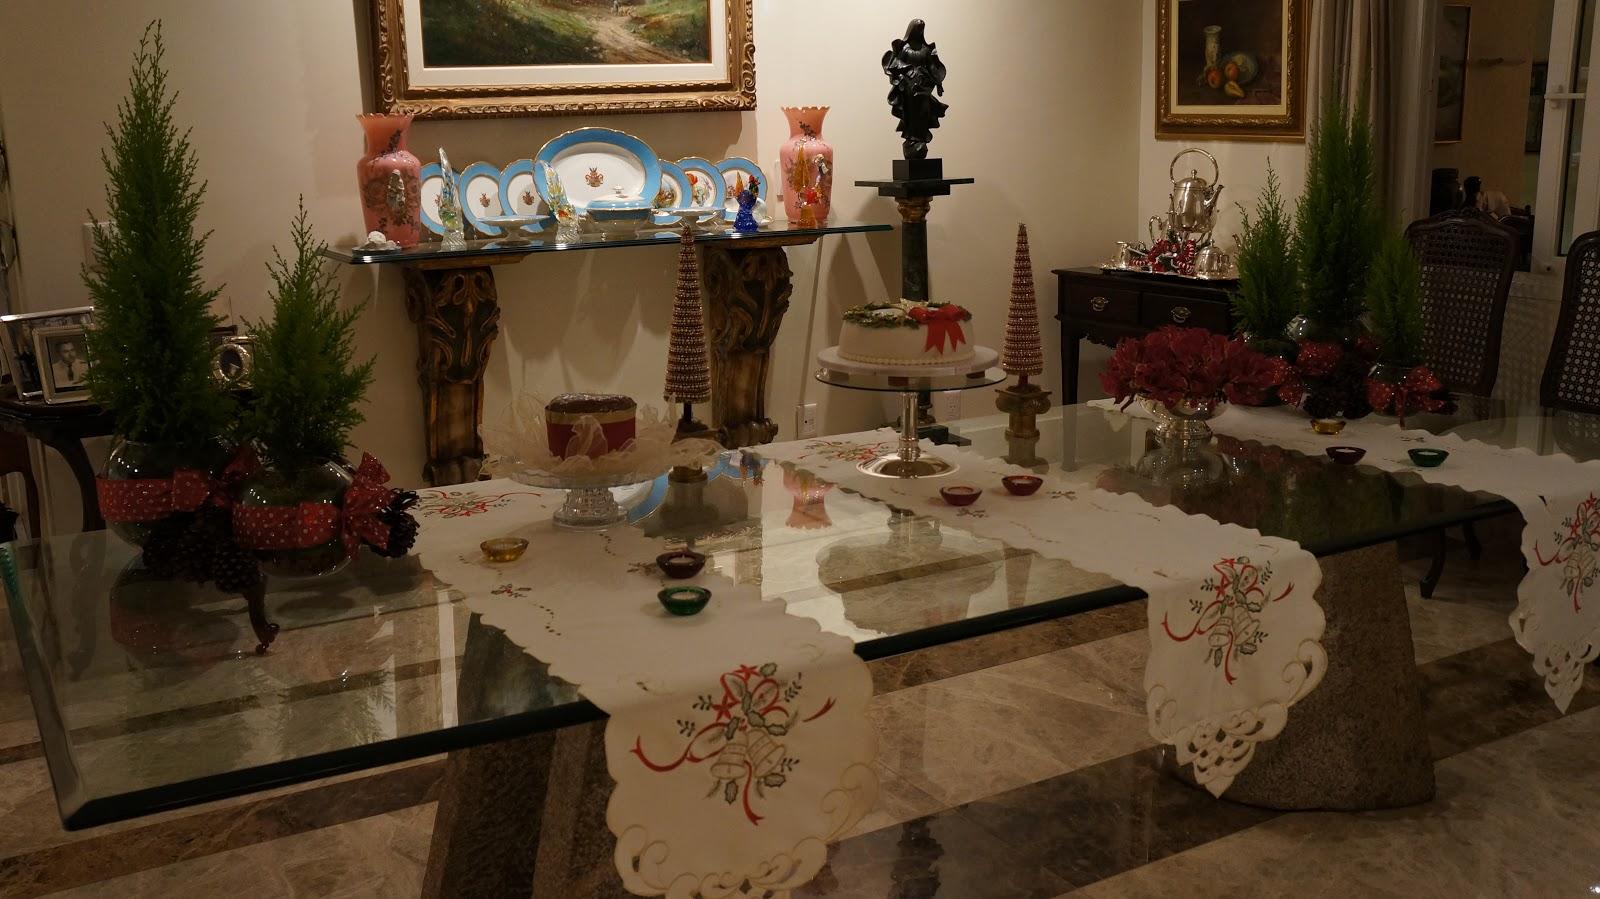 mais uma opção de decoração para um natal clássico e tradicional